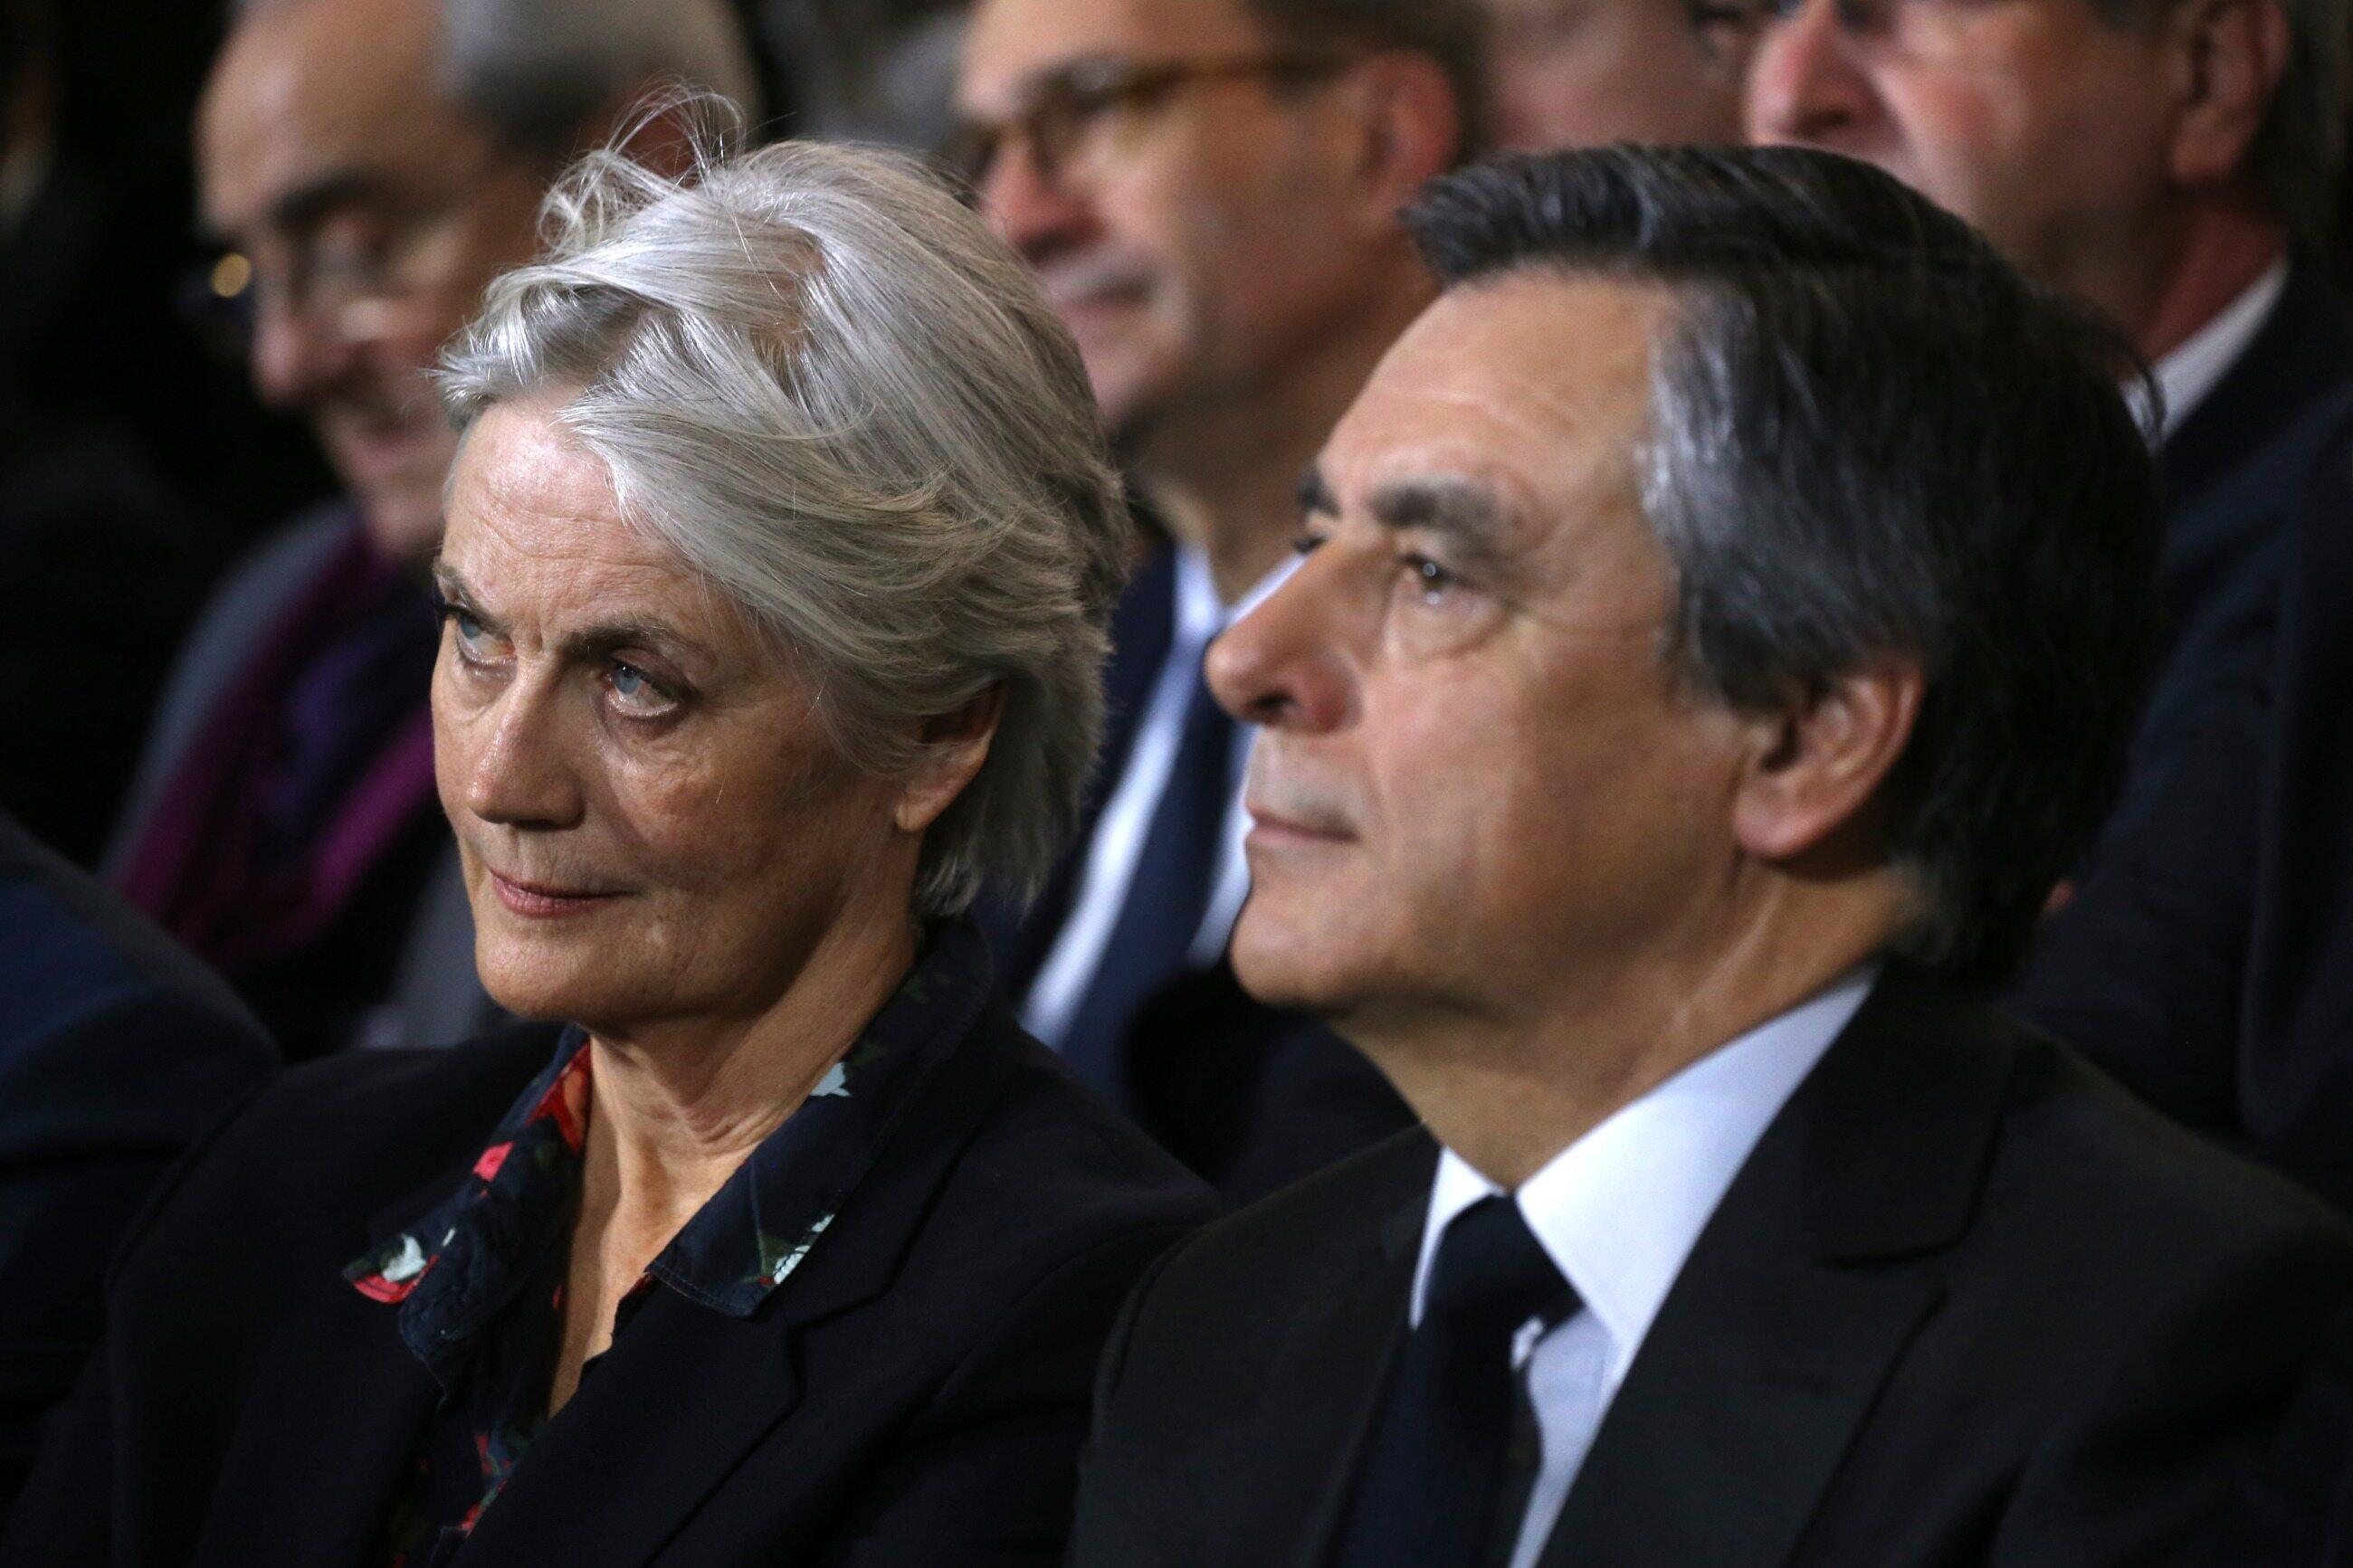 Penelope i Francois Fillon